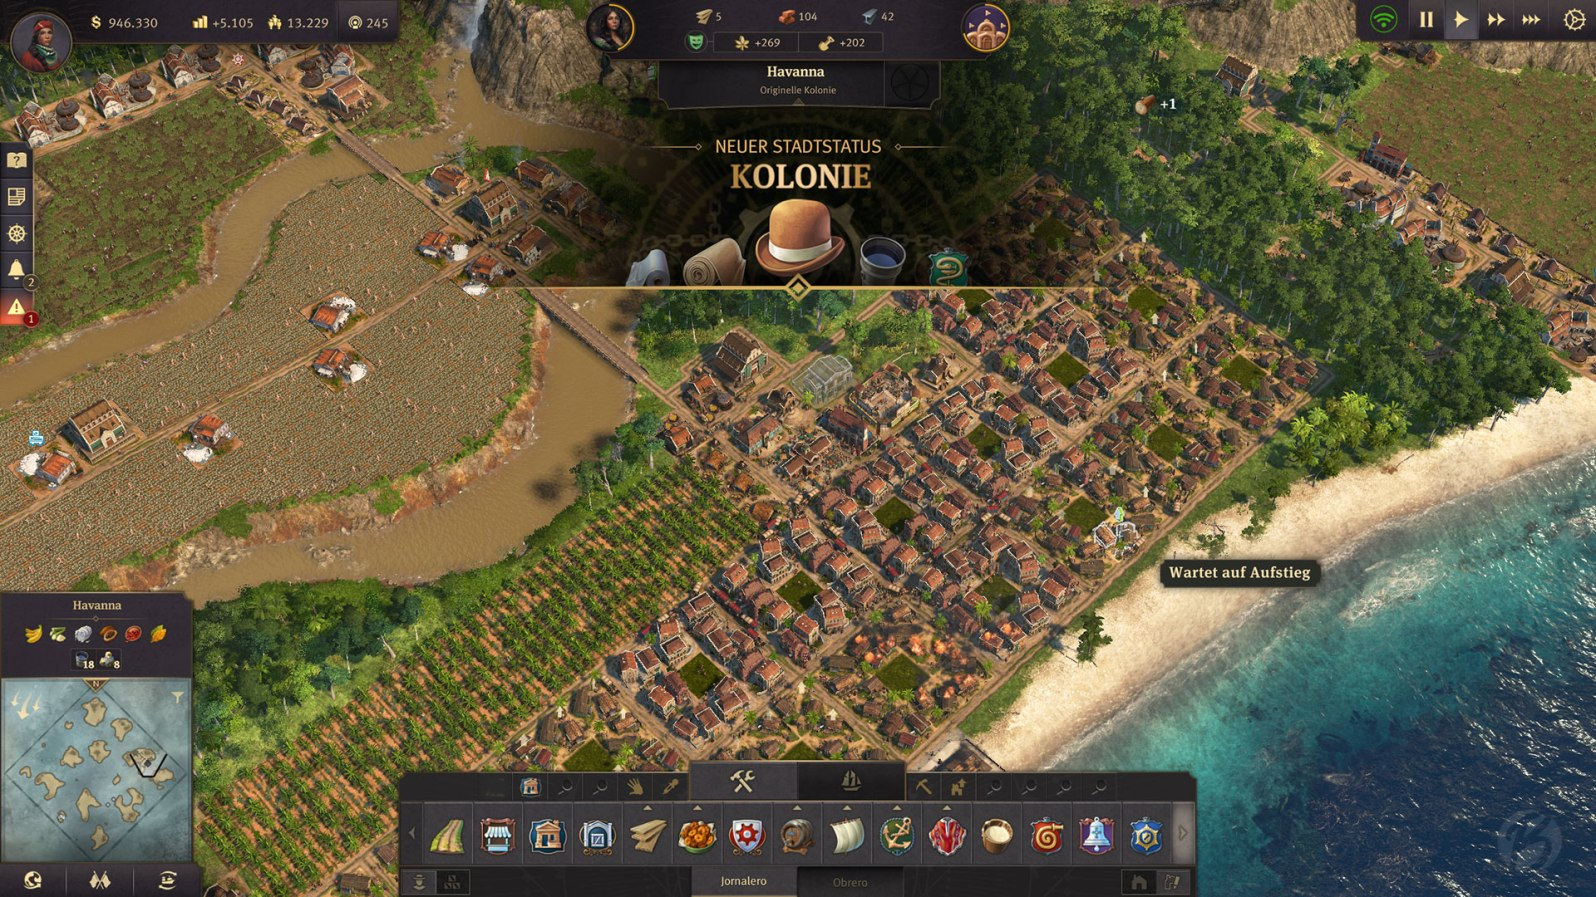 """Anno 1800 - Die Inseln der """"Neuen Welt"""", mit ihren Flussläufen, gestalten sich in Sachen Aufbau nicht gerade einfach."""